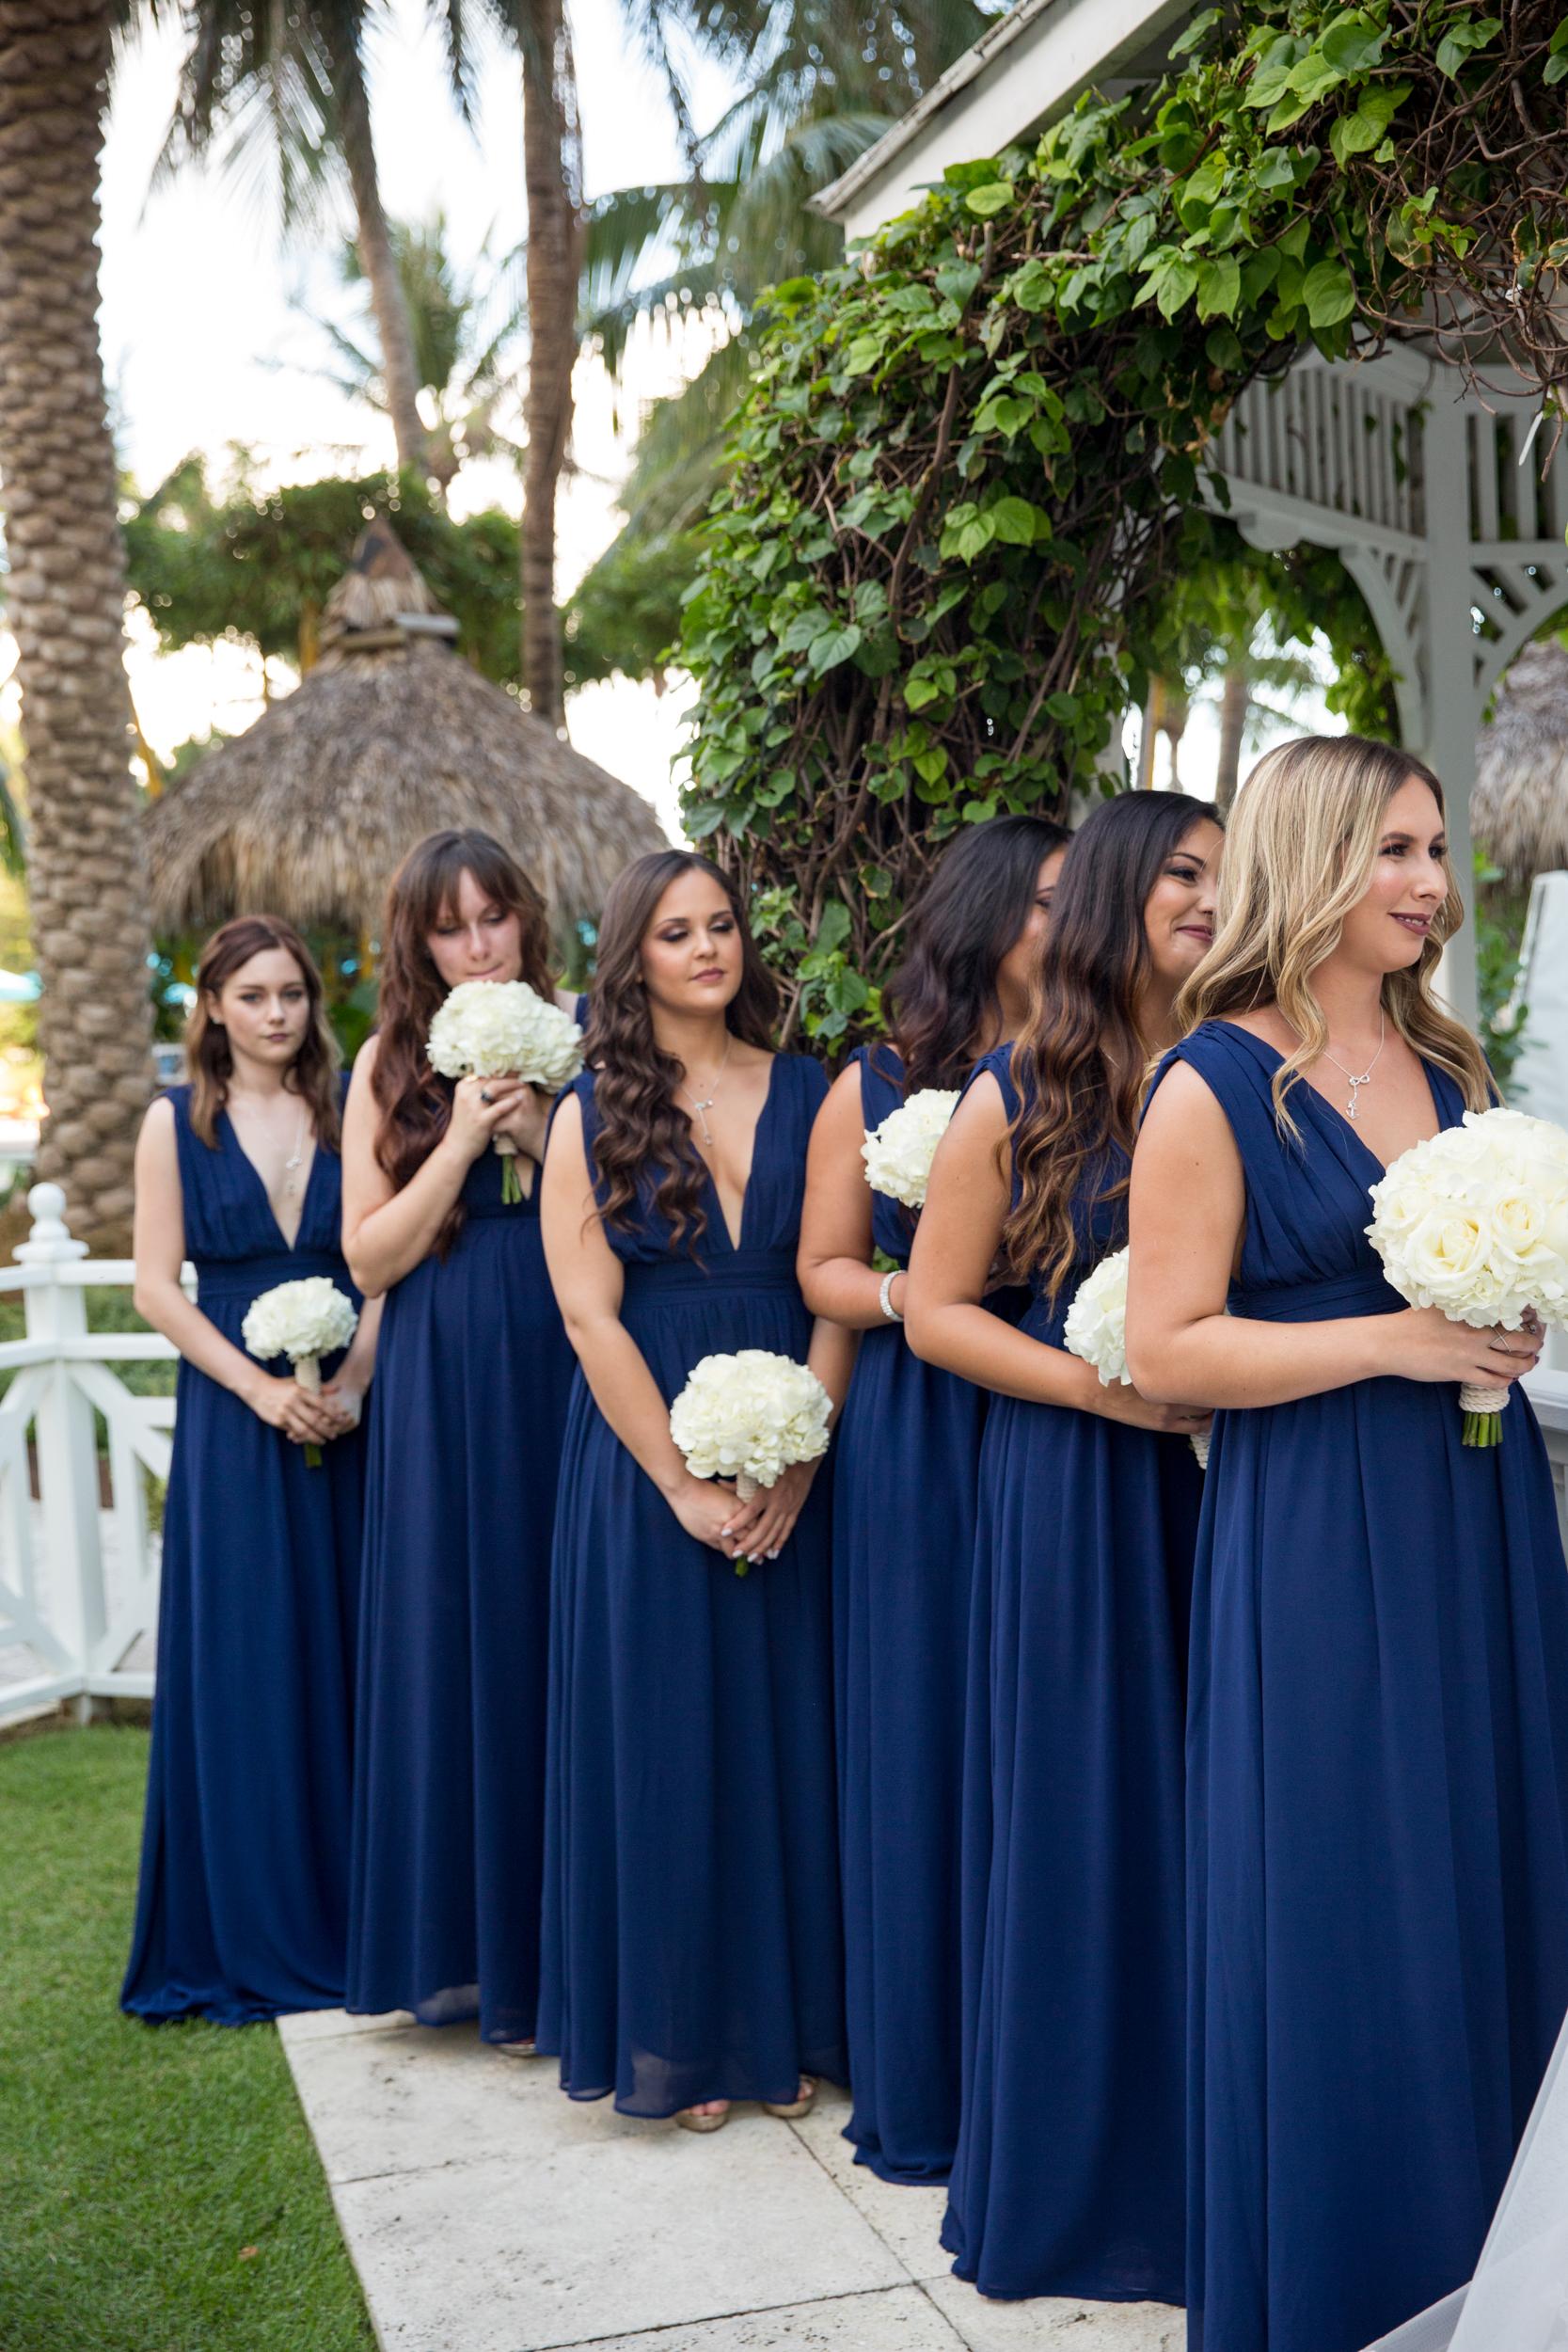 10-14-17_AshleyRichard_Wedding-73.jpg